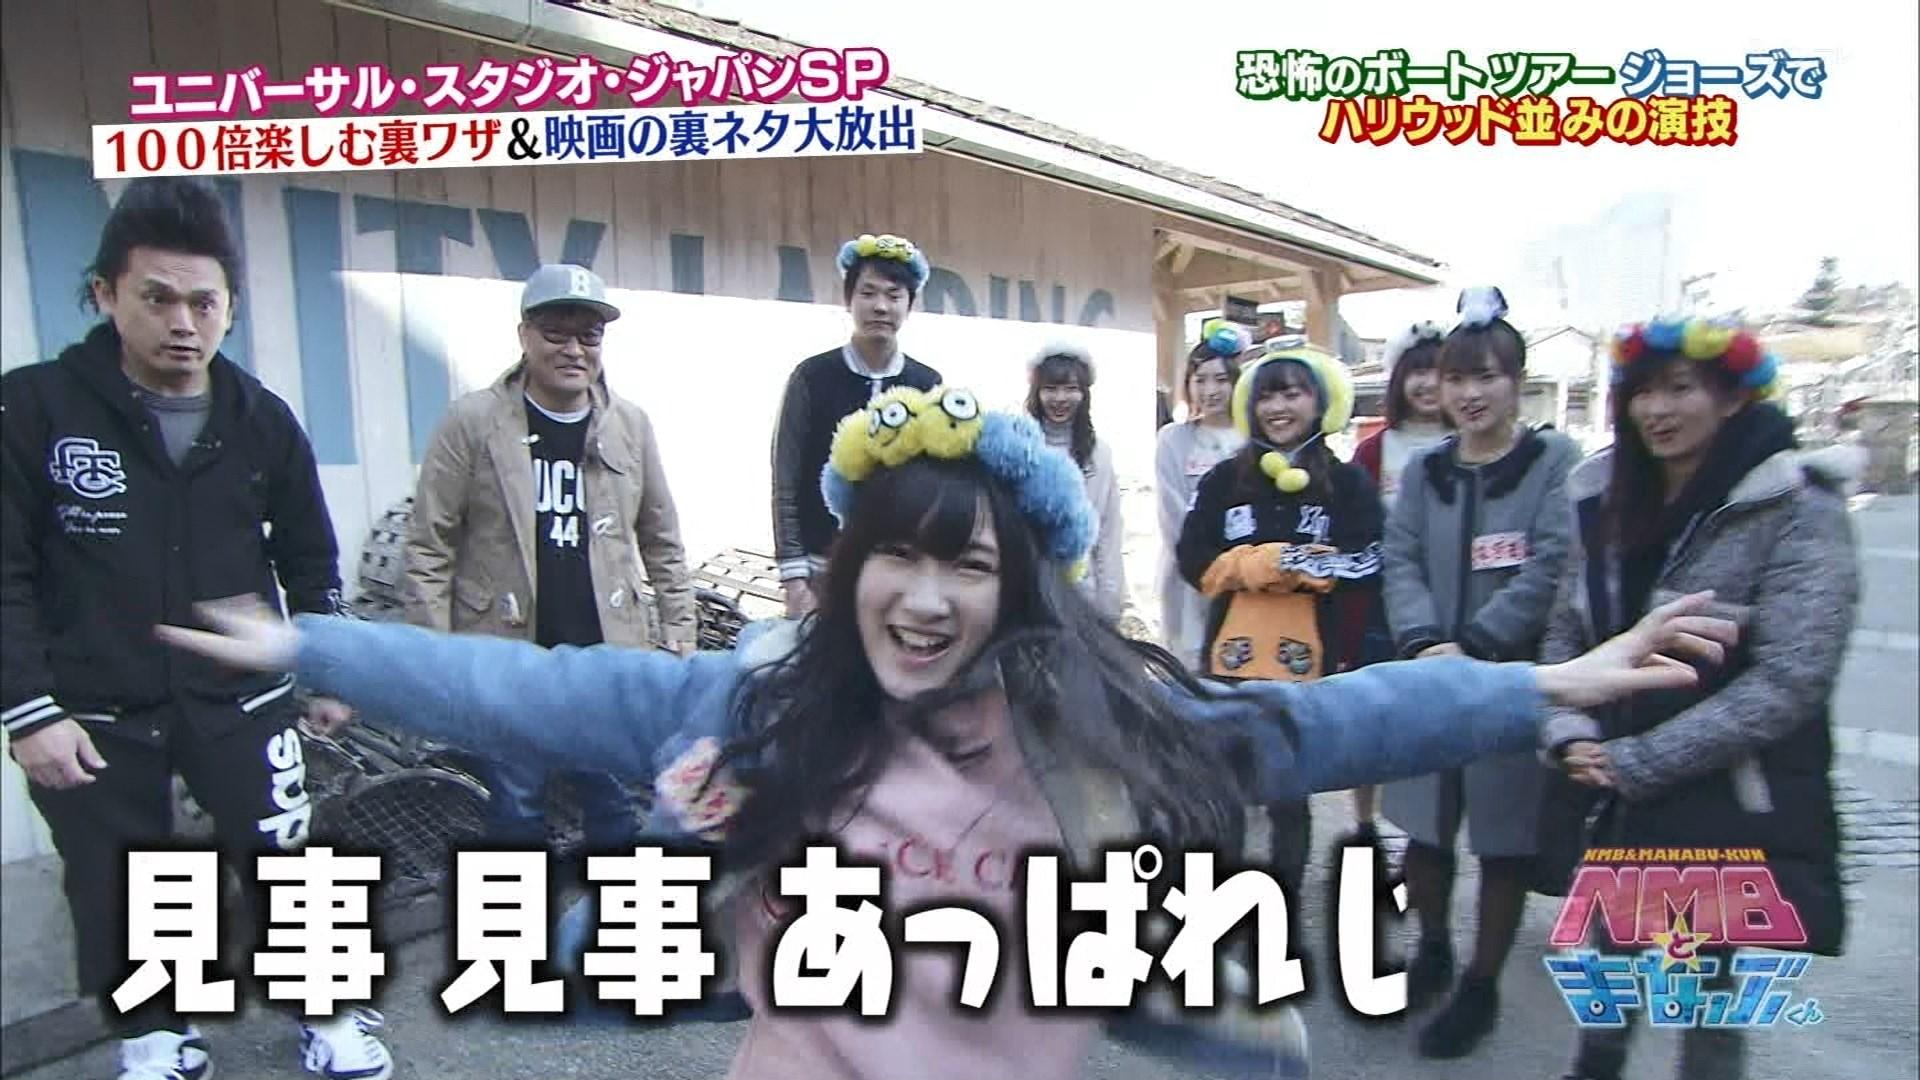 【NMB48】4/6NMBとまなぶくん「USJロケ」1週目!みんなほんとに可愛すぎwあっぱれじゃー!w